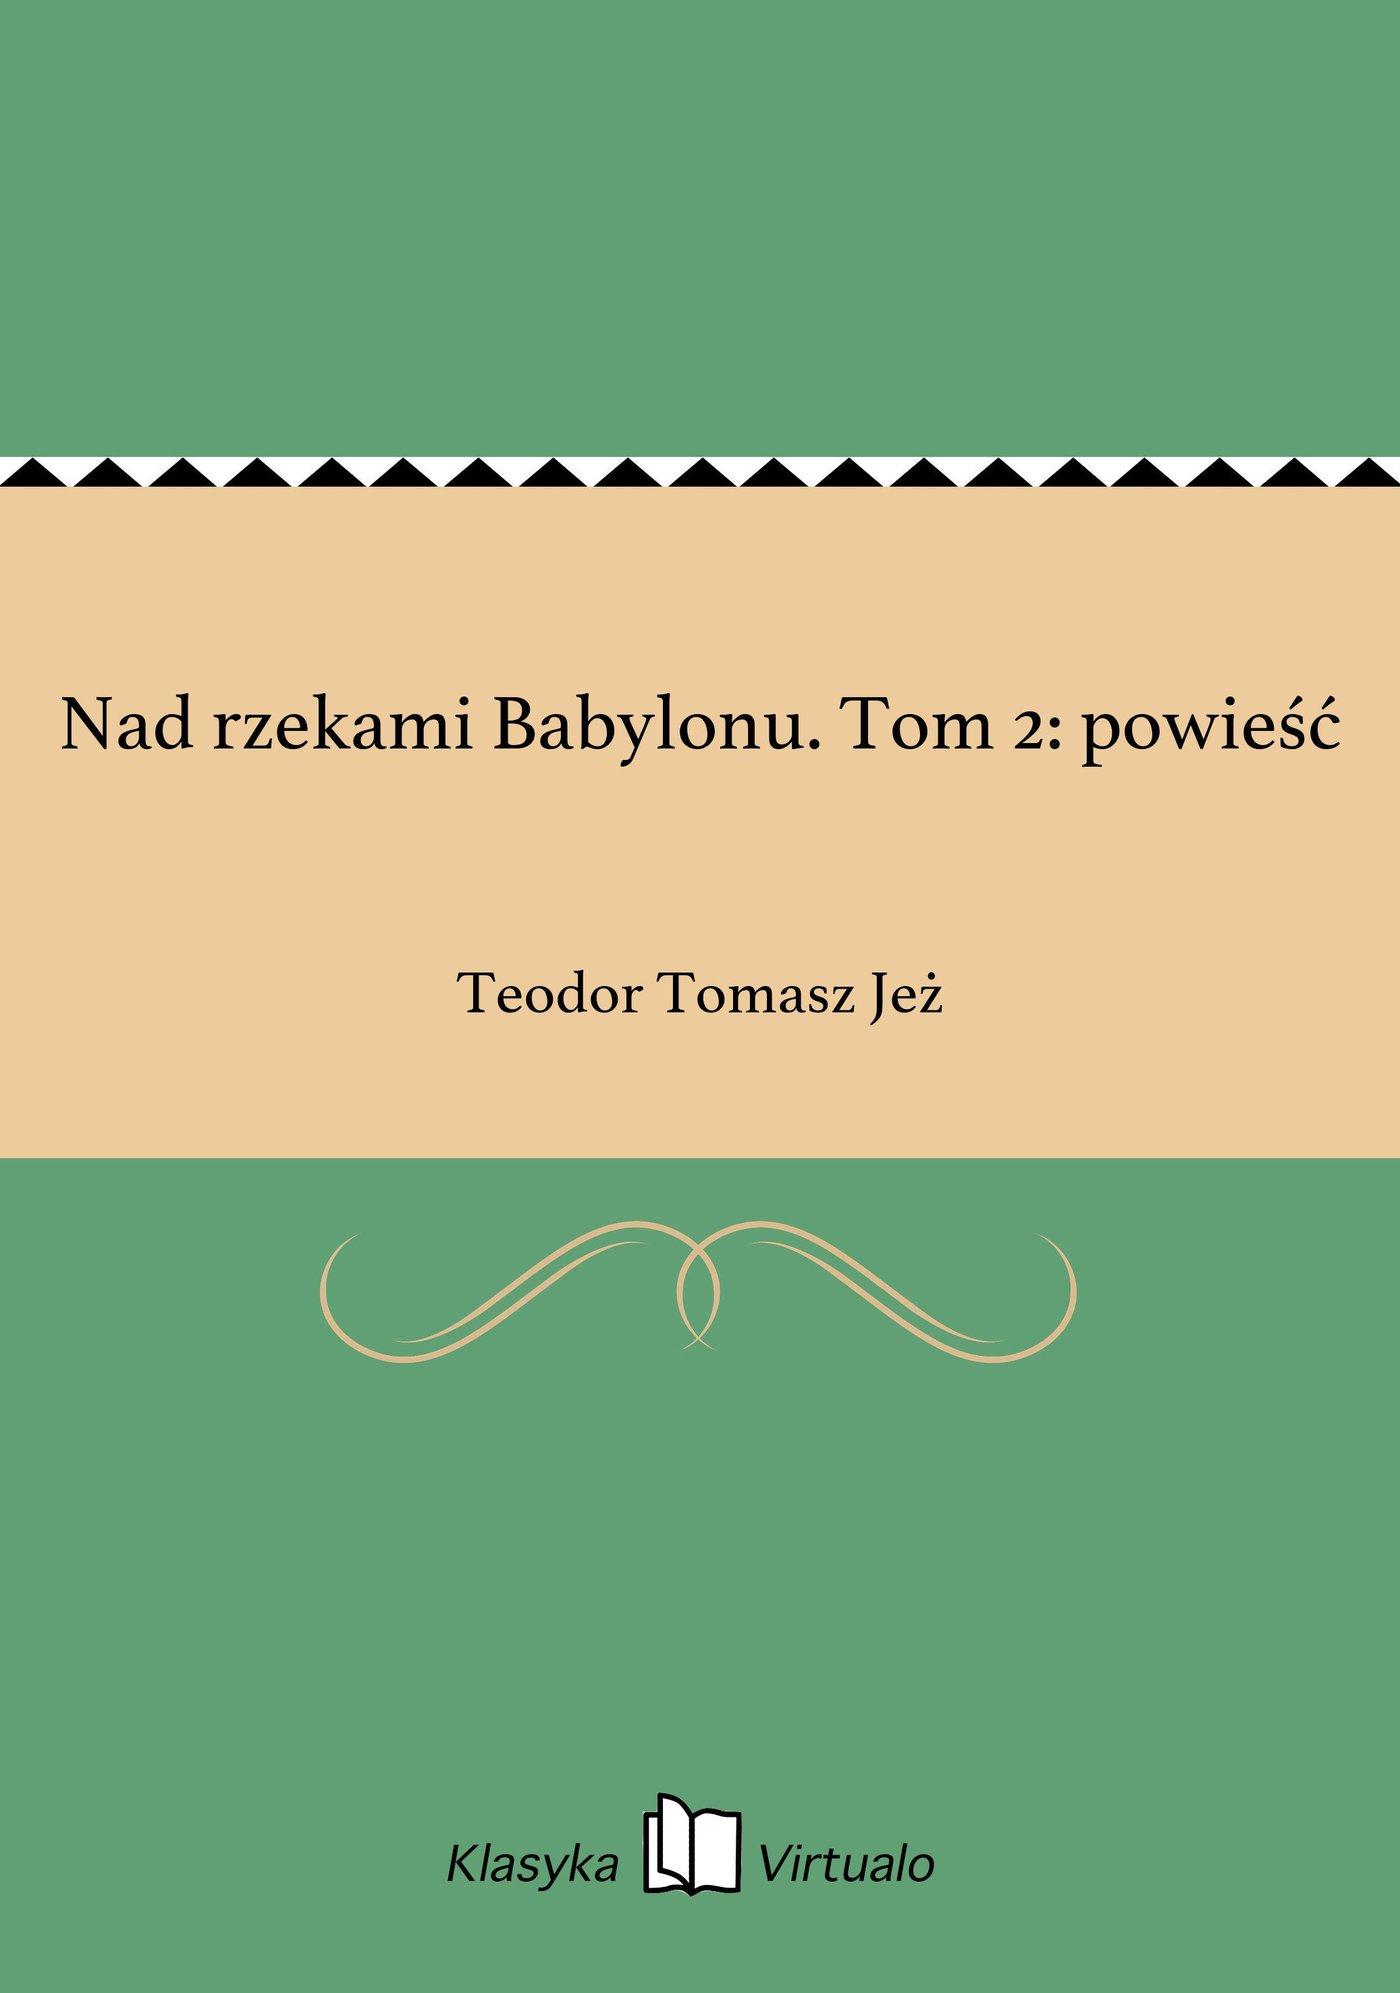 Nad rzekami Babylonu. Tom 2: powieść - Ebook (Książka EPUB) do pobrania w formacie EPUB